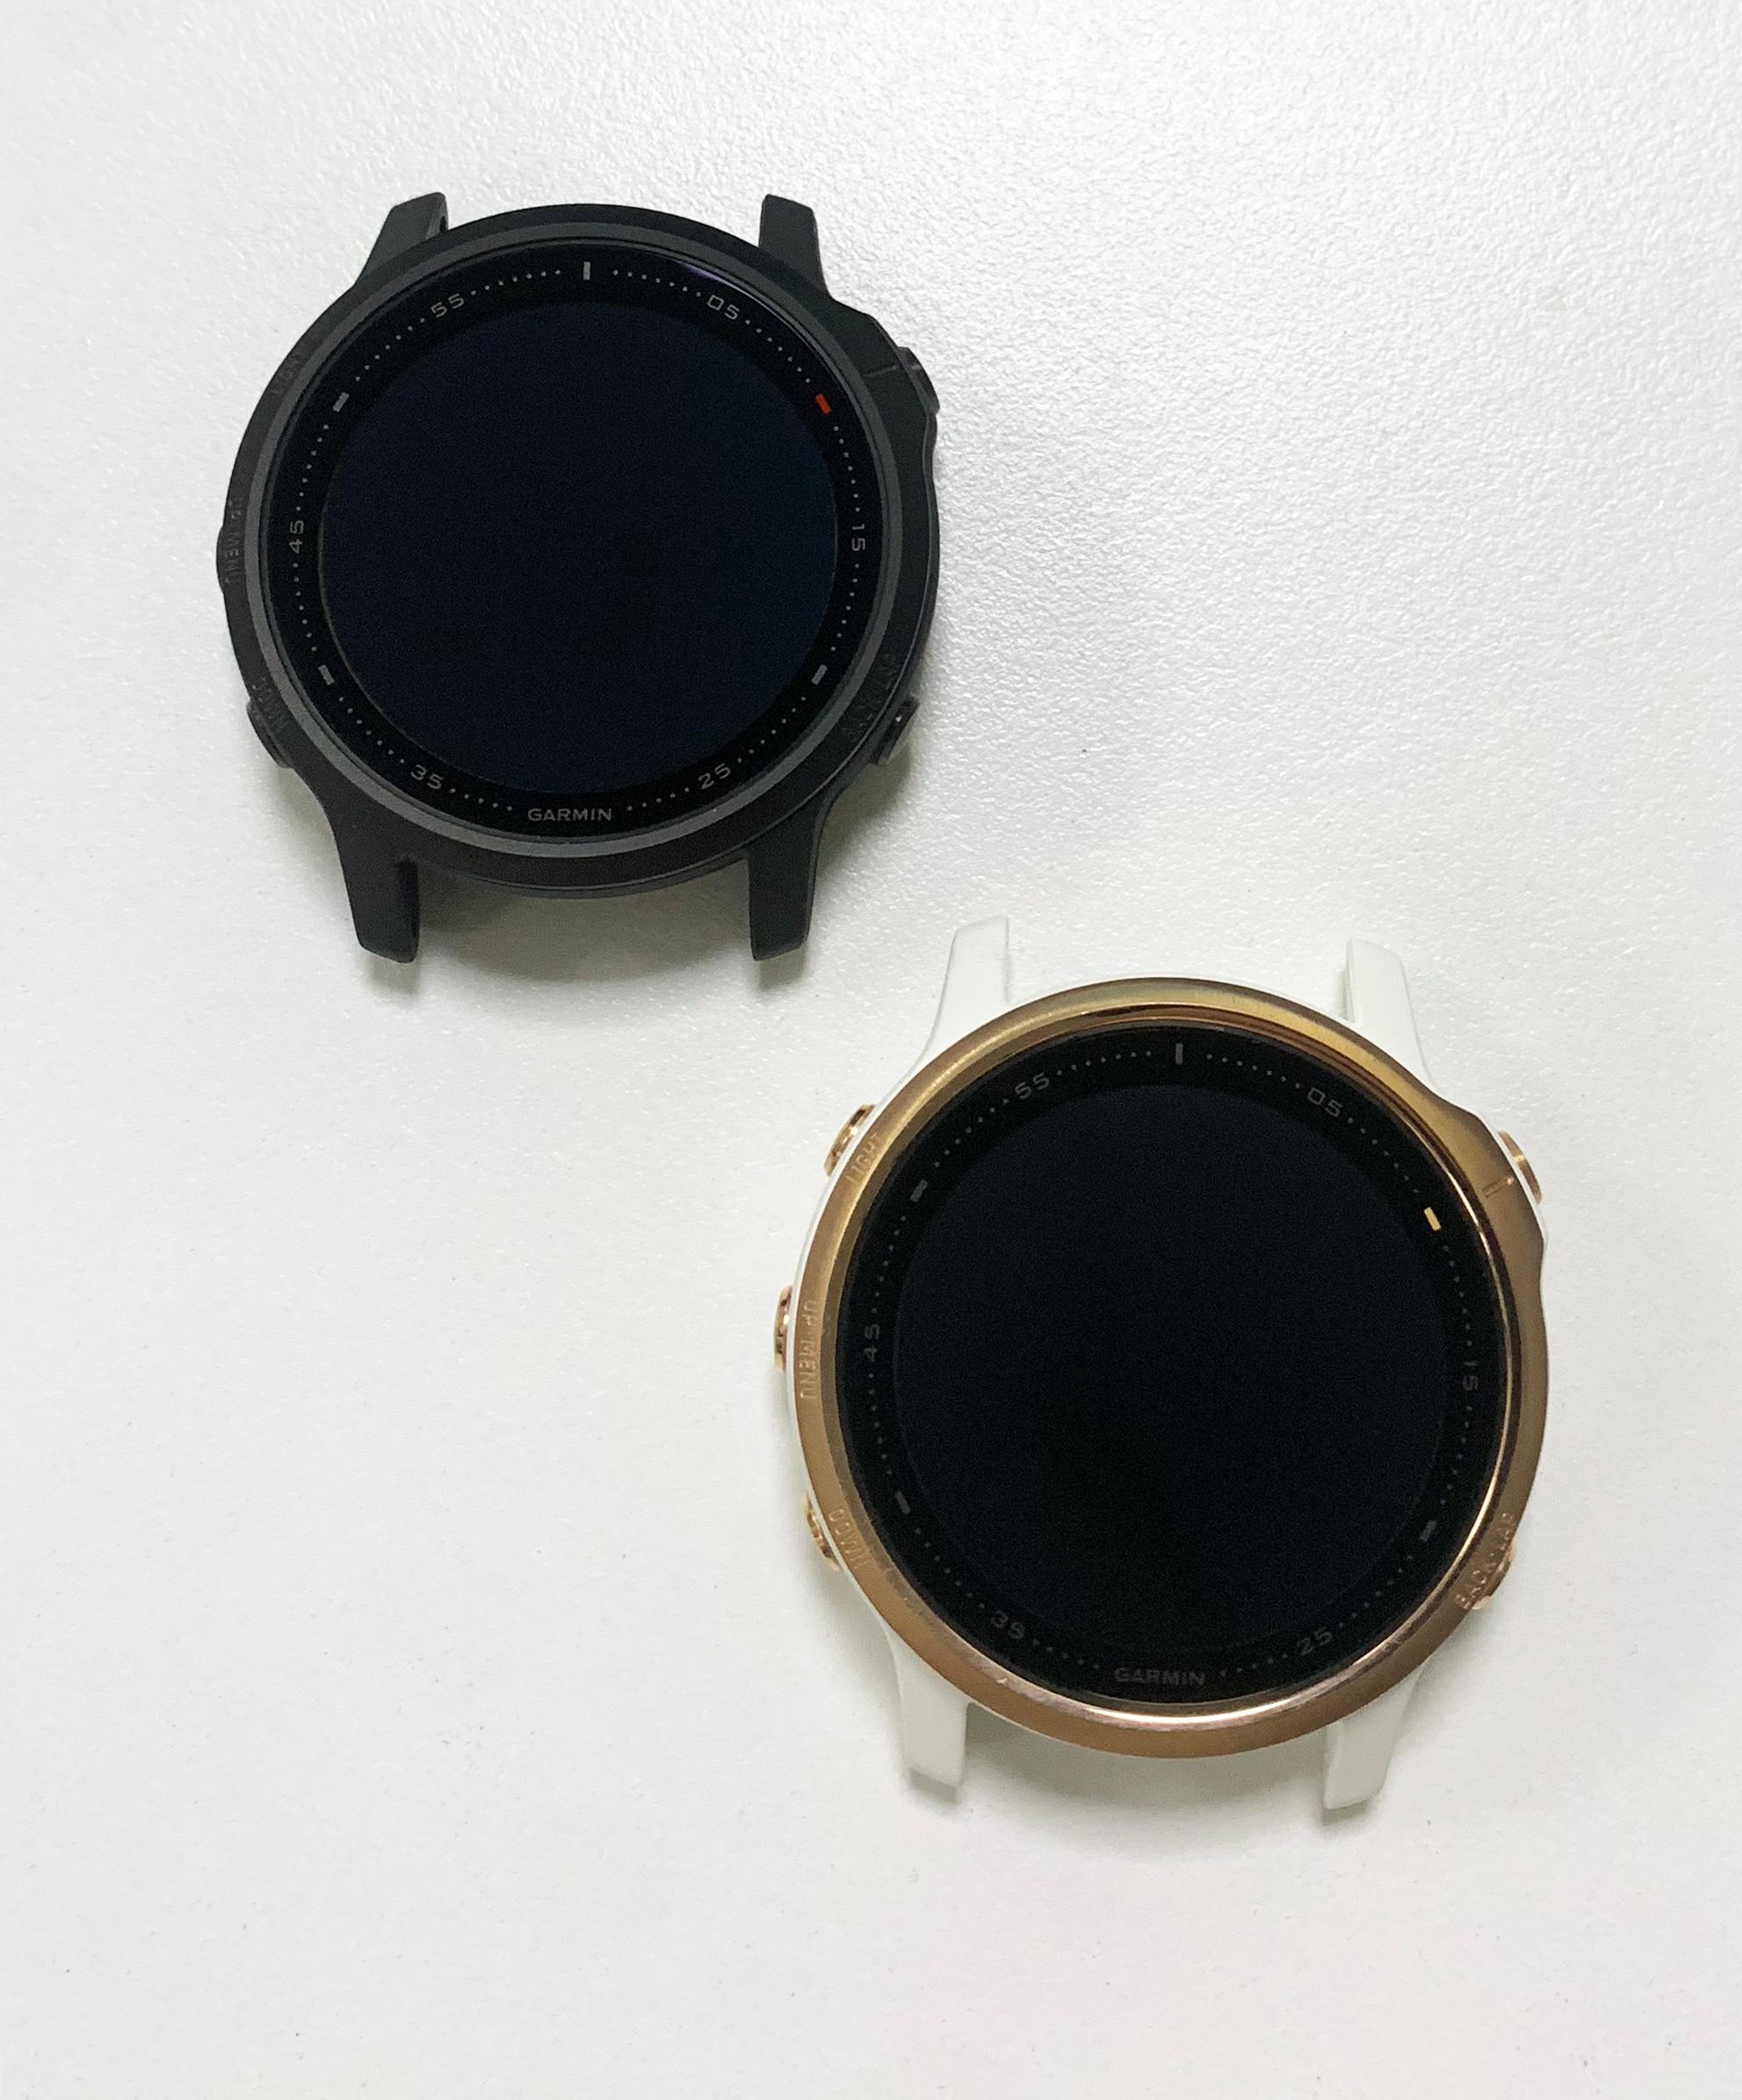 الأصلي ل Garmin Fenix 6S برو LCD شاشة الجمعية ساعة شاشة الكريستال السائل Fenix6SPro الذكية اللمس محول الأرقام إصلاح استبدال أجزاء